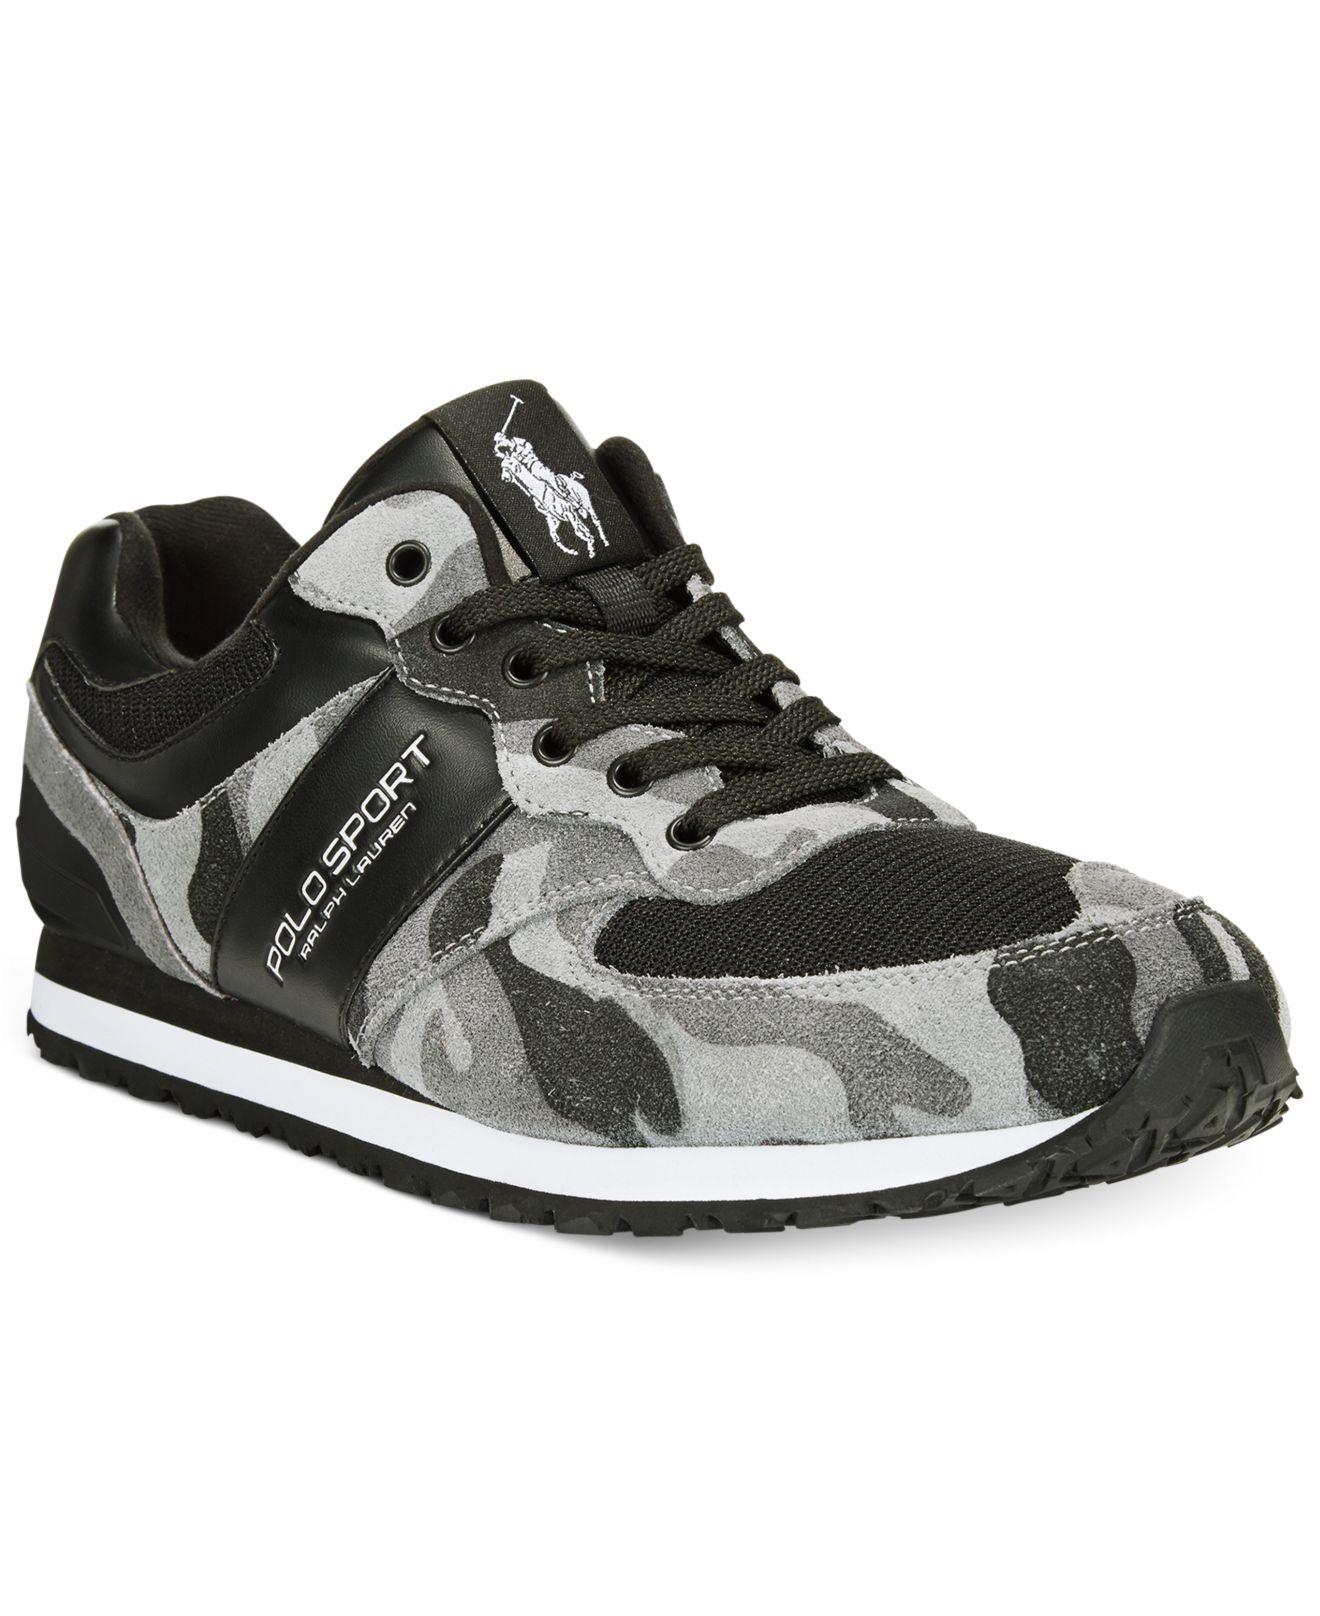 2368ef3b Polo Ralph Lauren Slaton Sport Sneakers in Black for Men - Lyst